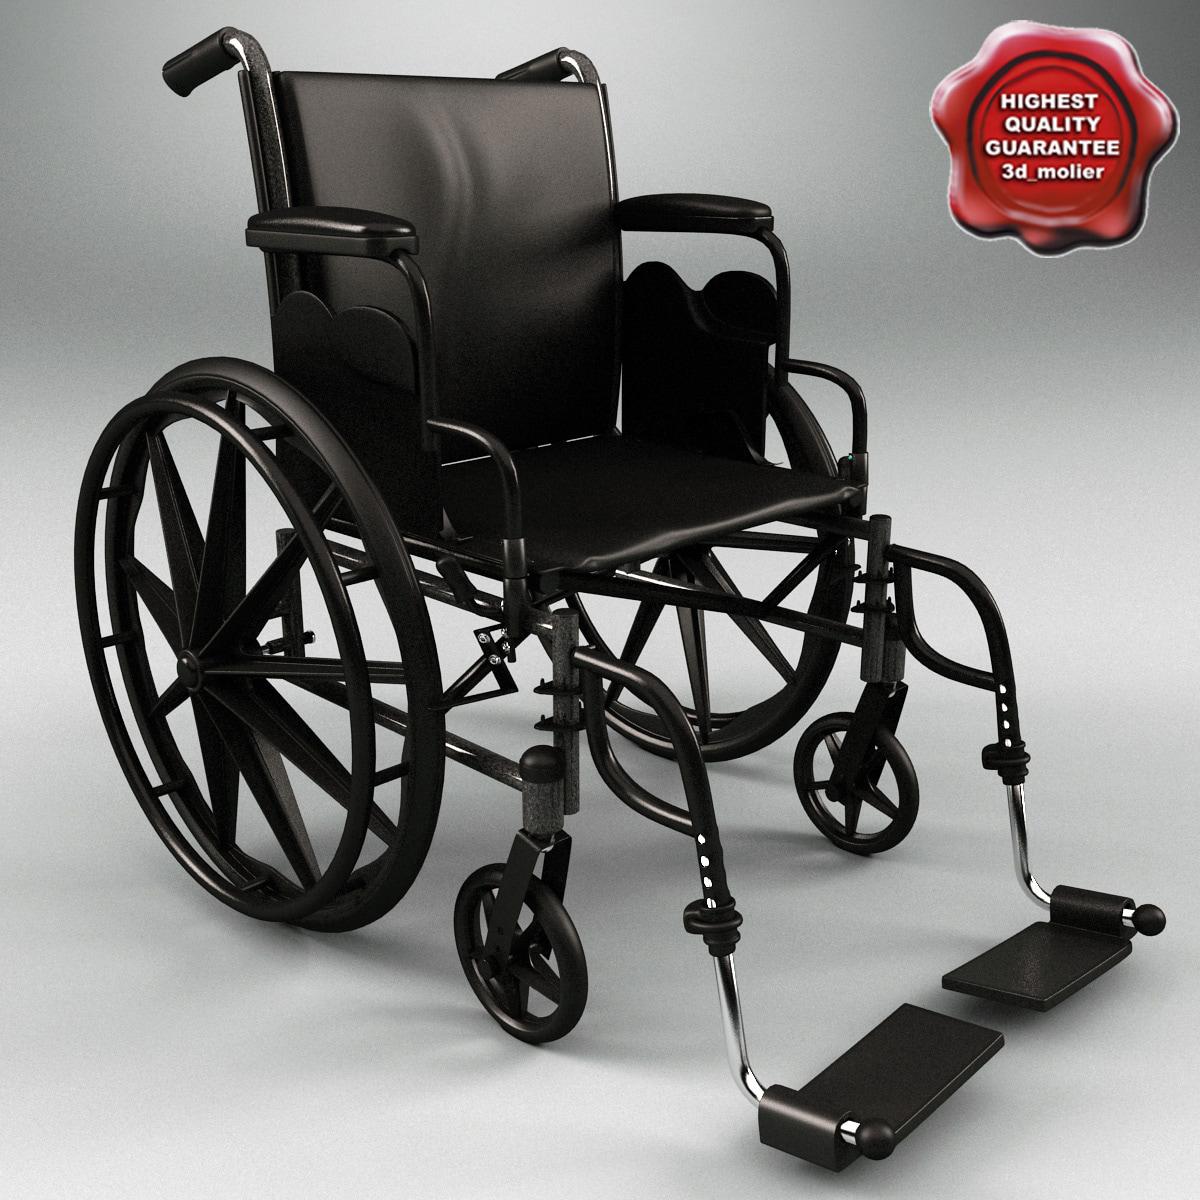 Wheelchair_Cruiser-3_00.jpg